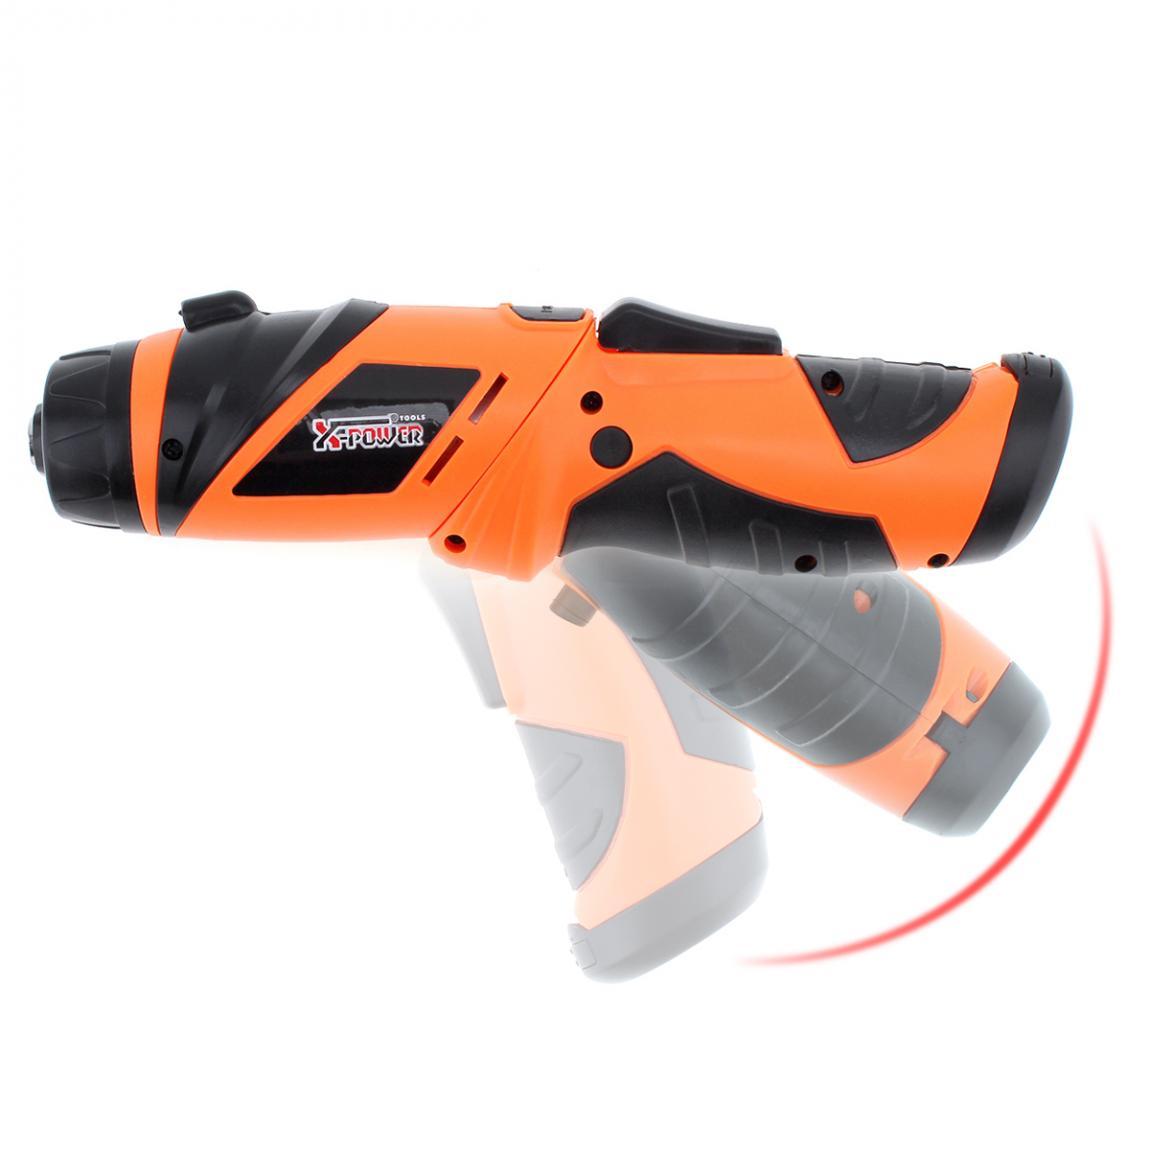 Destornillador de mano Destornillador eléctrico inalámbrico de 6 V - Herramientas eléctricas - foto 3